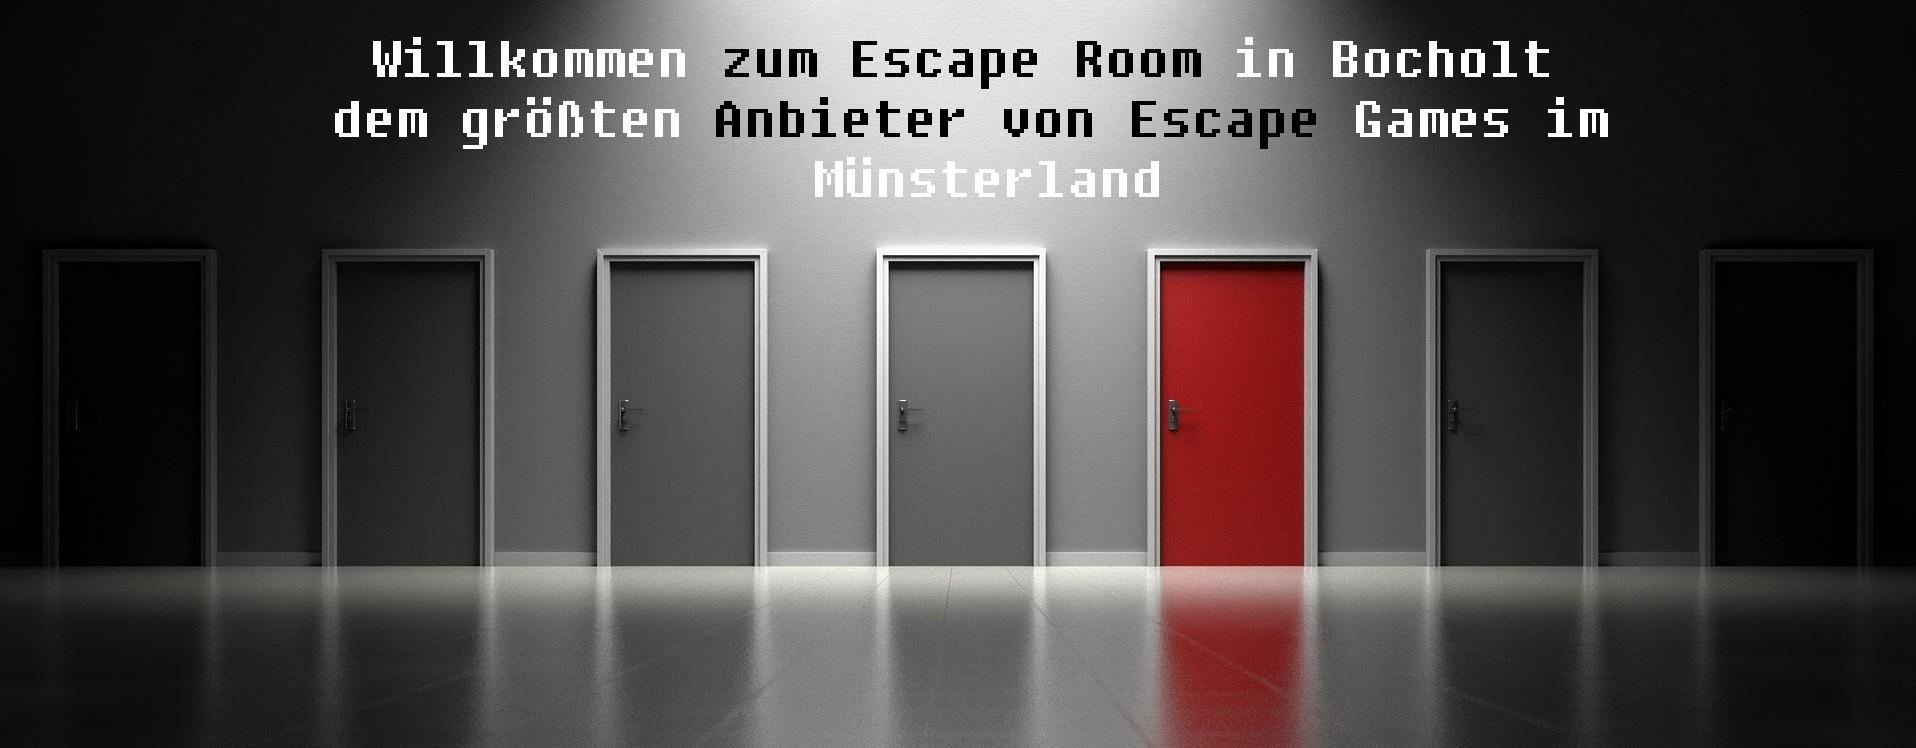 Events Firmen Escape Room Bocholt Kleve Rees